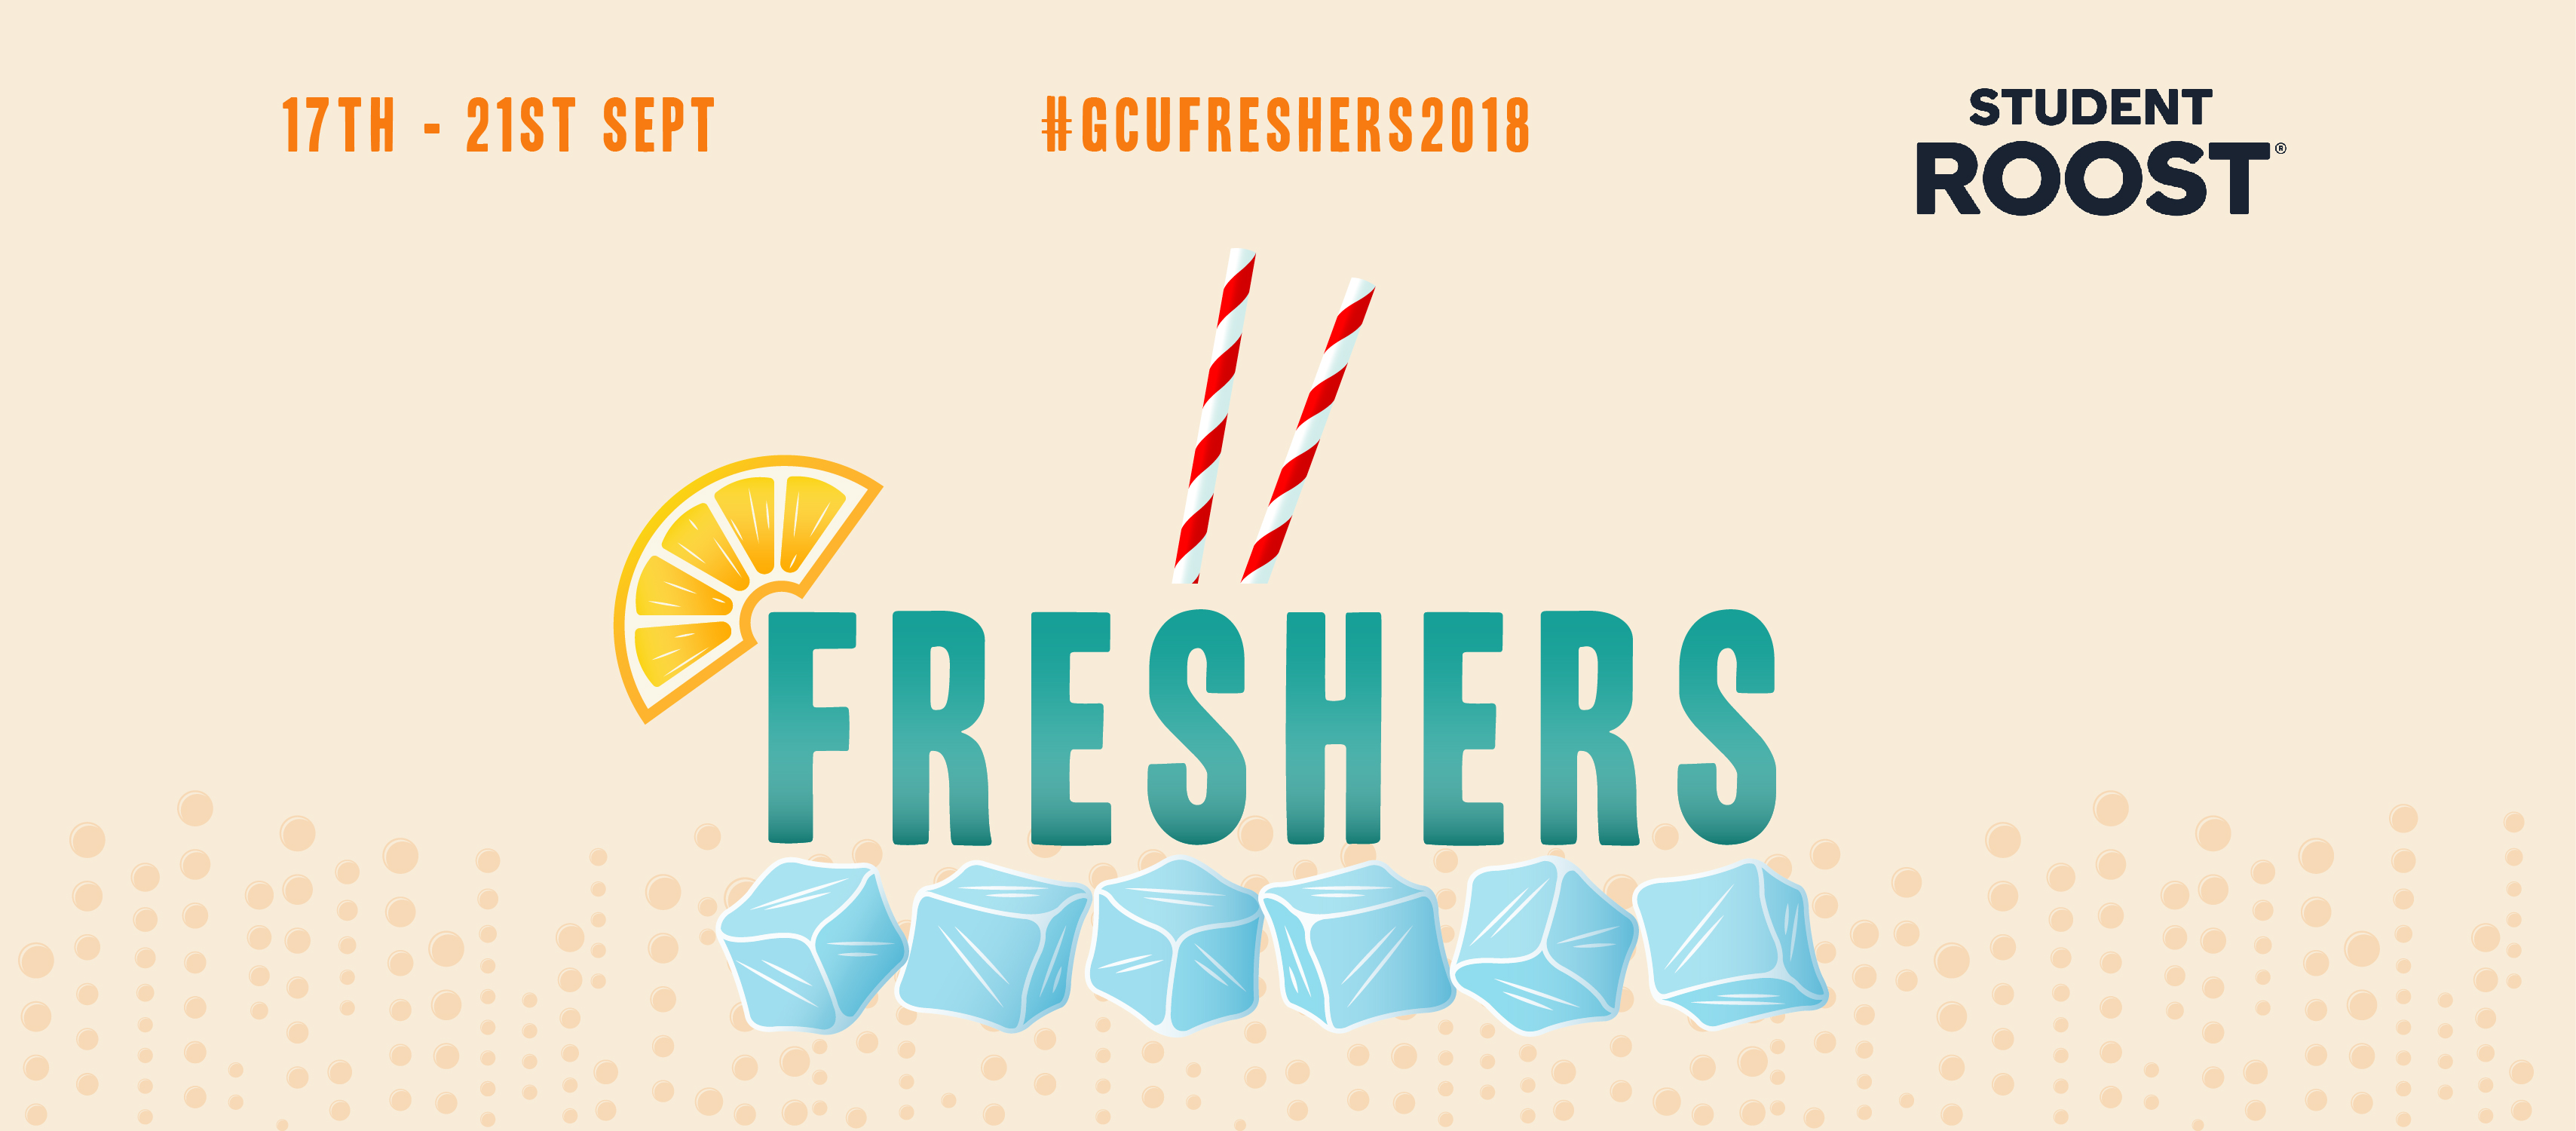 Gcu freshers 2018   fb cover photo